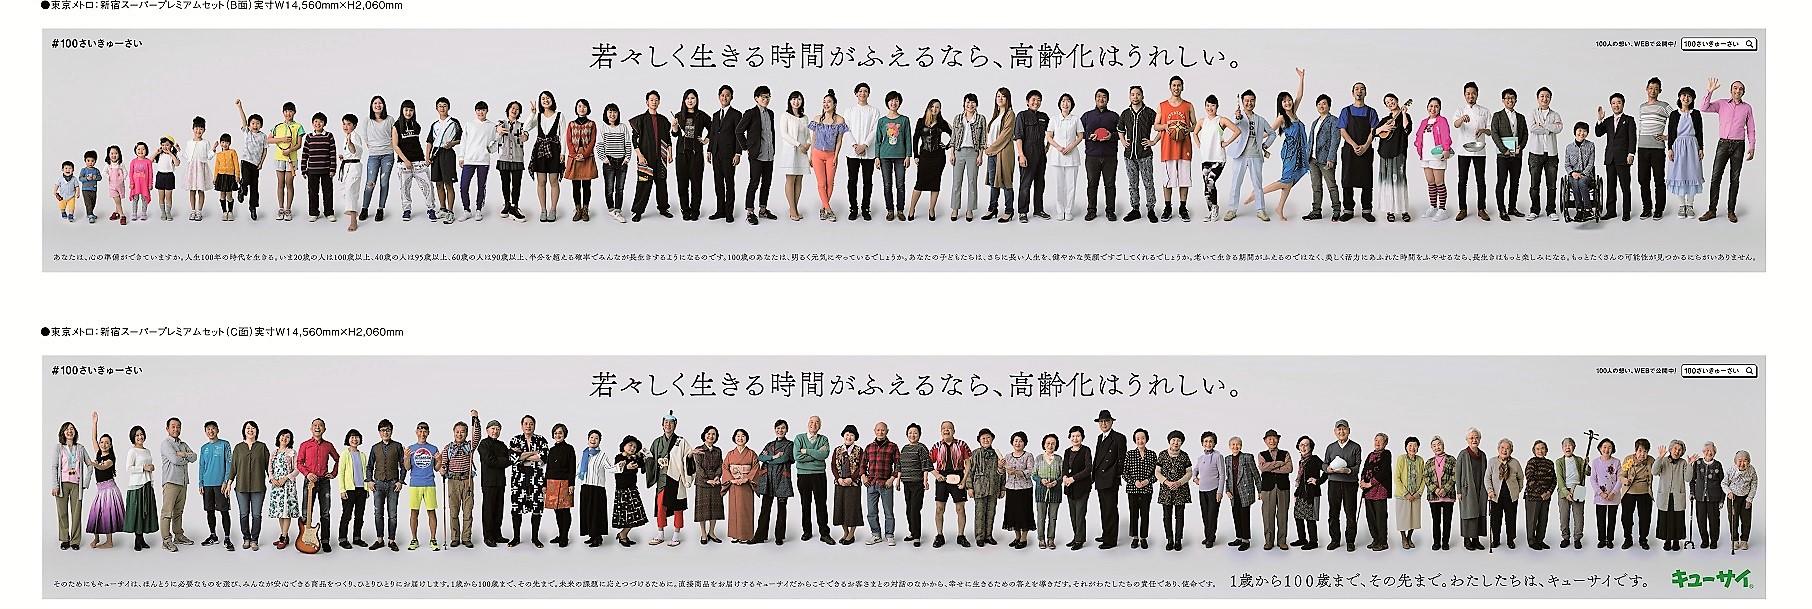 shinjyuku_super_premium_1